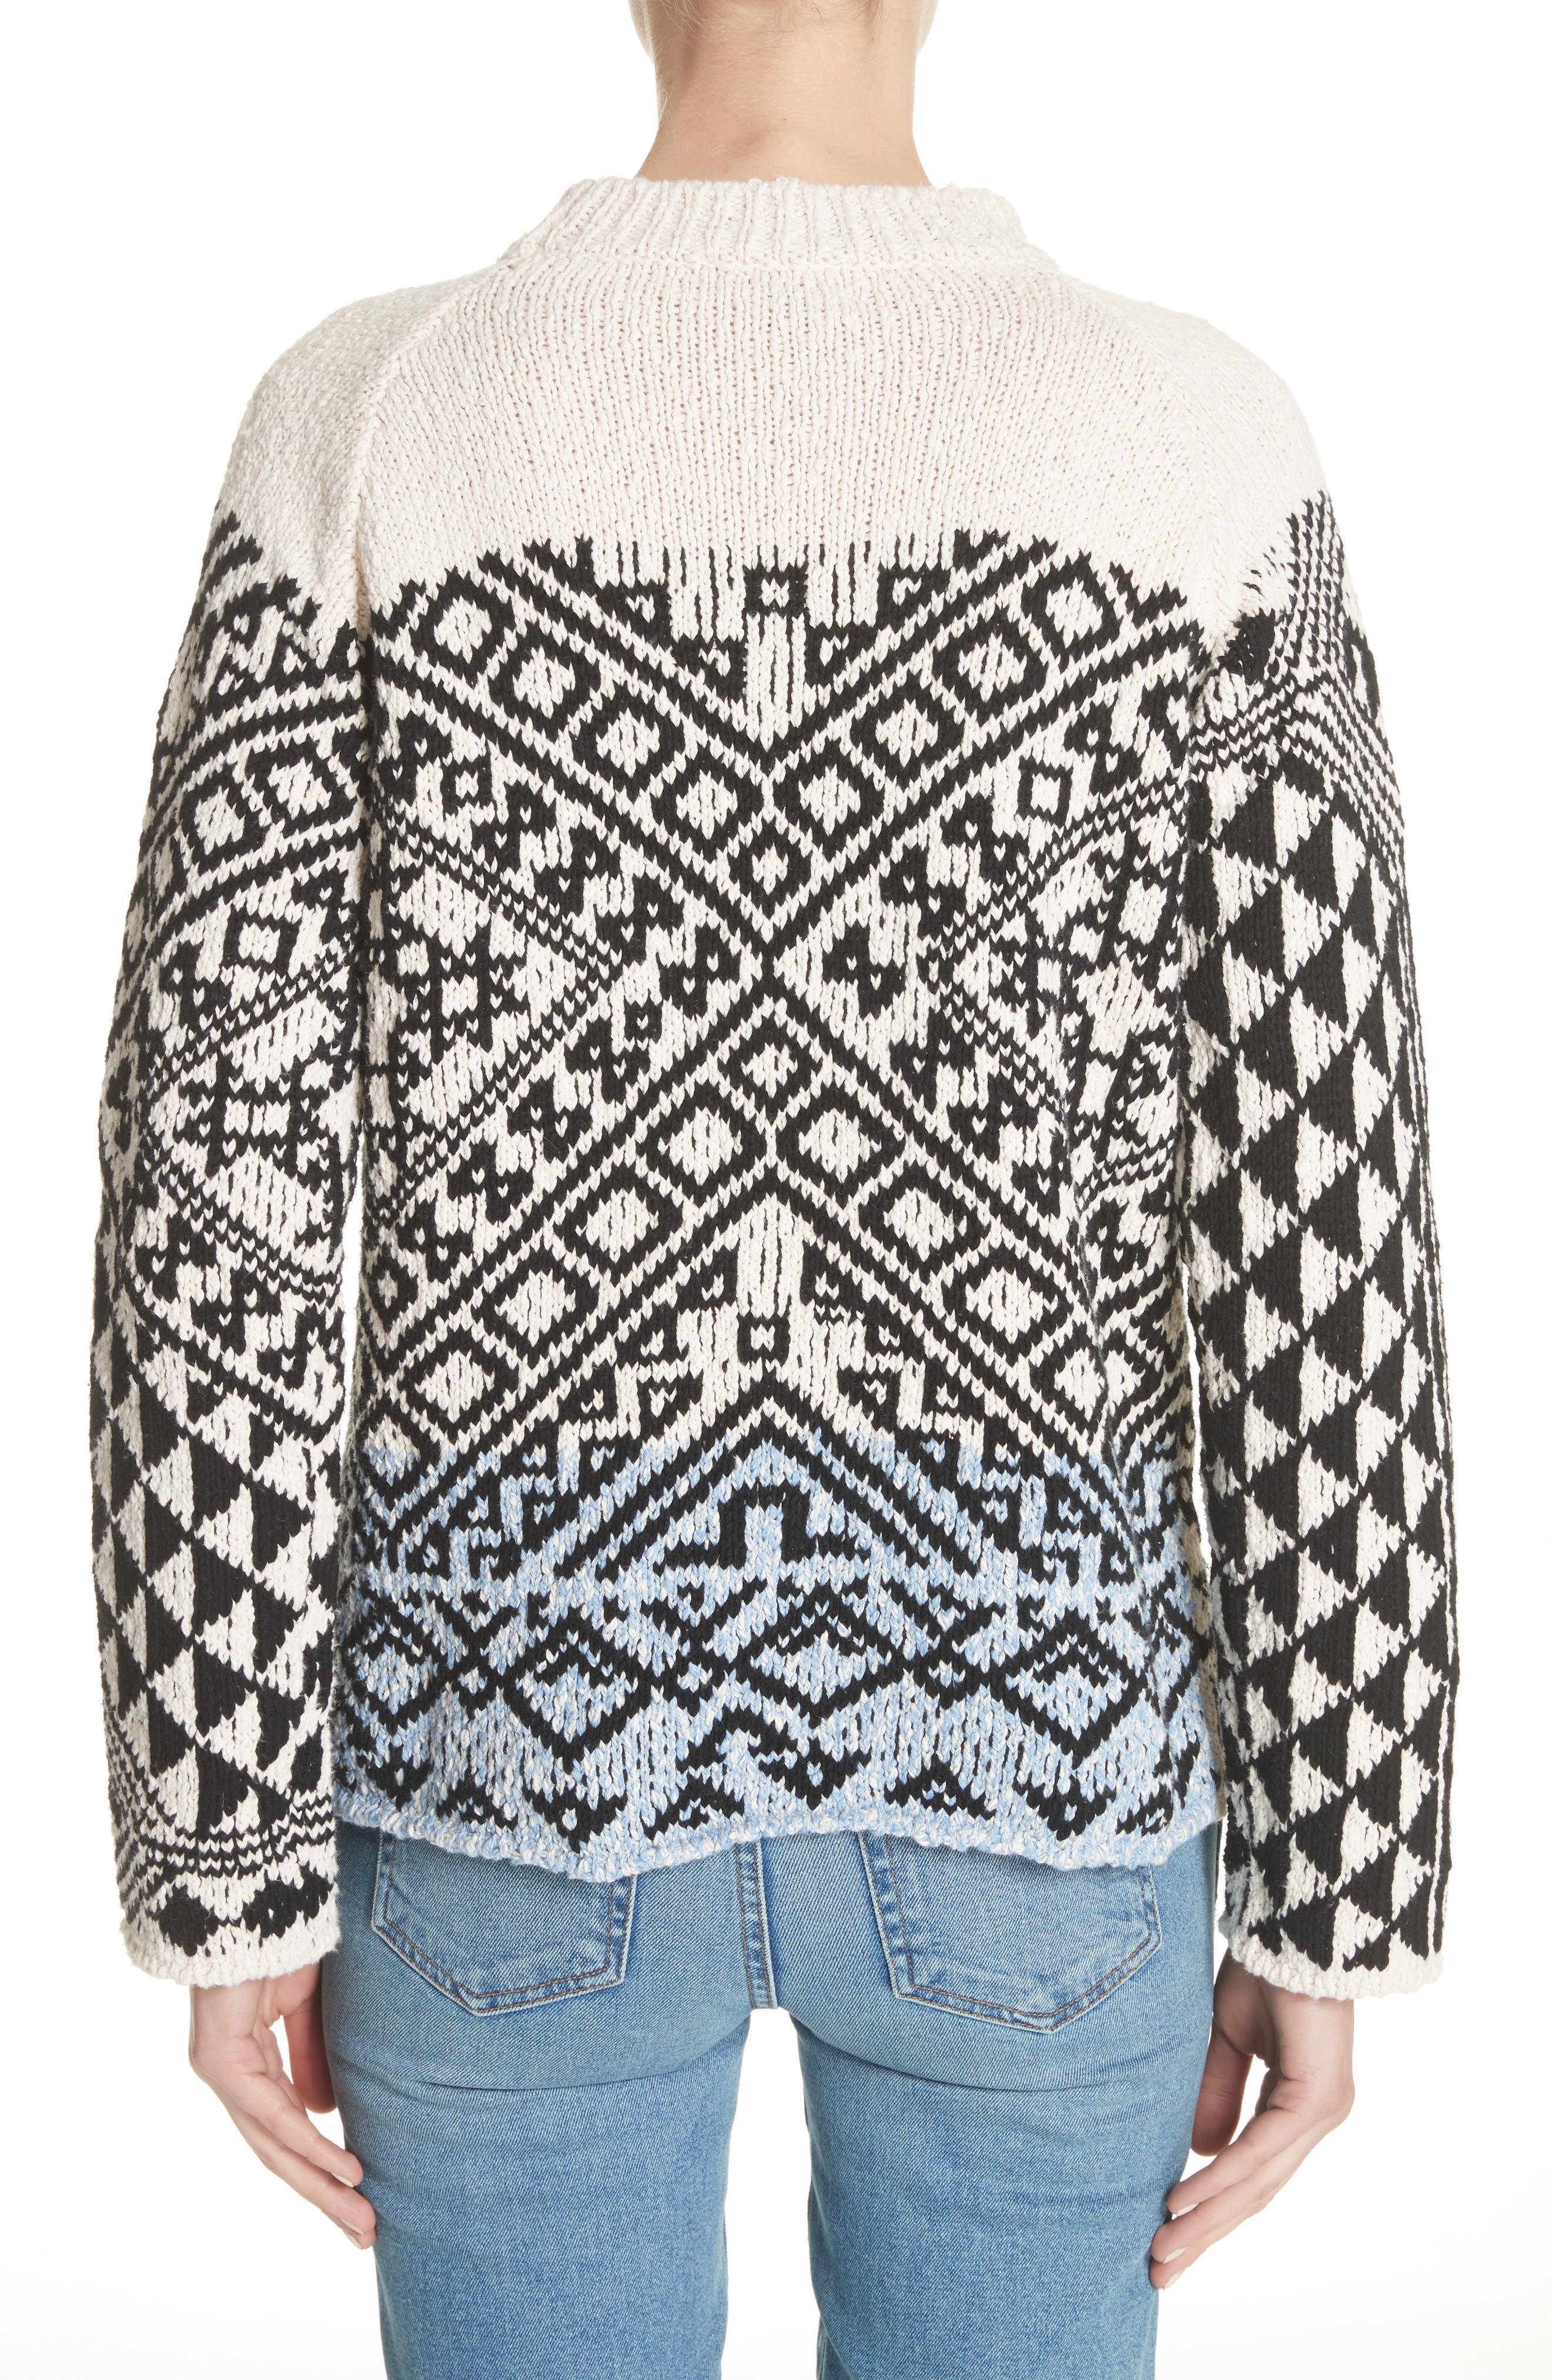 Rhia Jacquard Sweater,                             Alternate thumbnail 2, color,